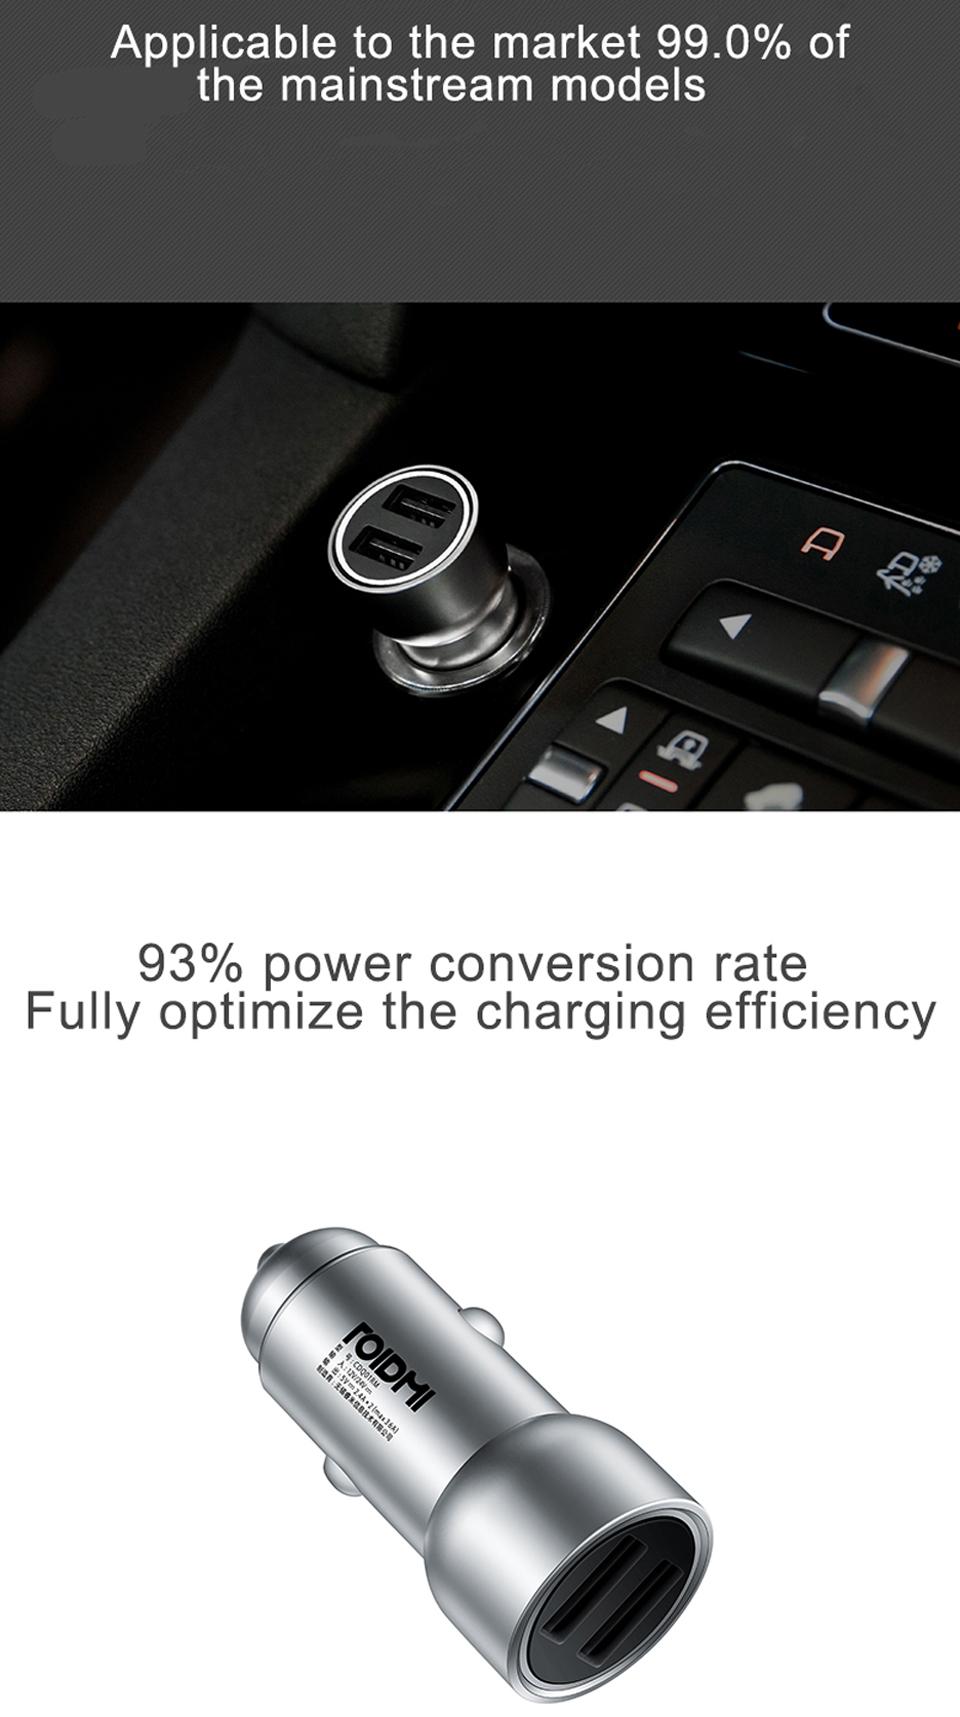 Автомобильное зарядное устройство RoidMi Car Charger автоматическое регулирование мощности